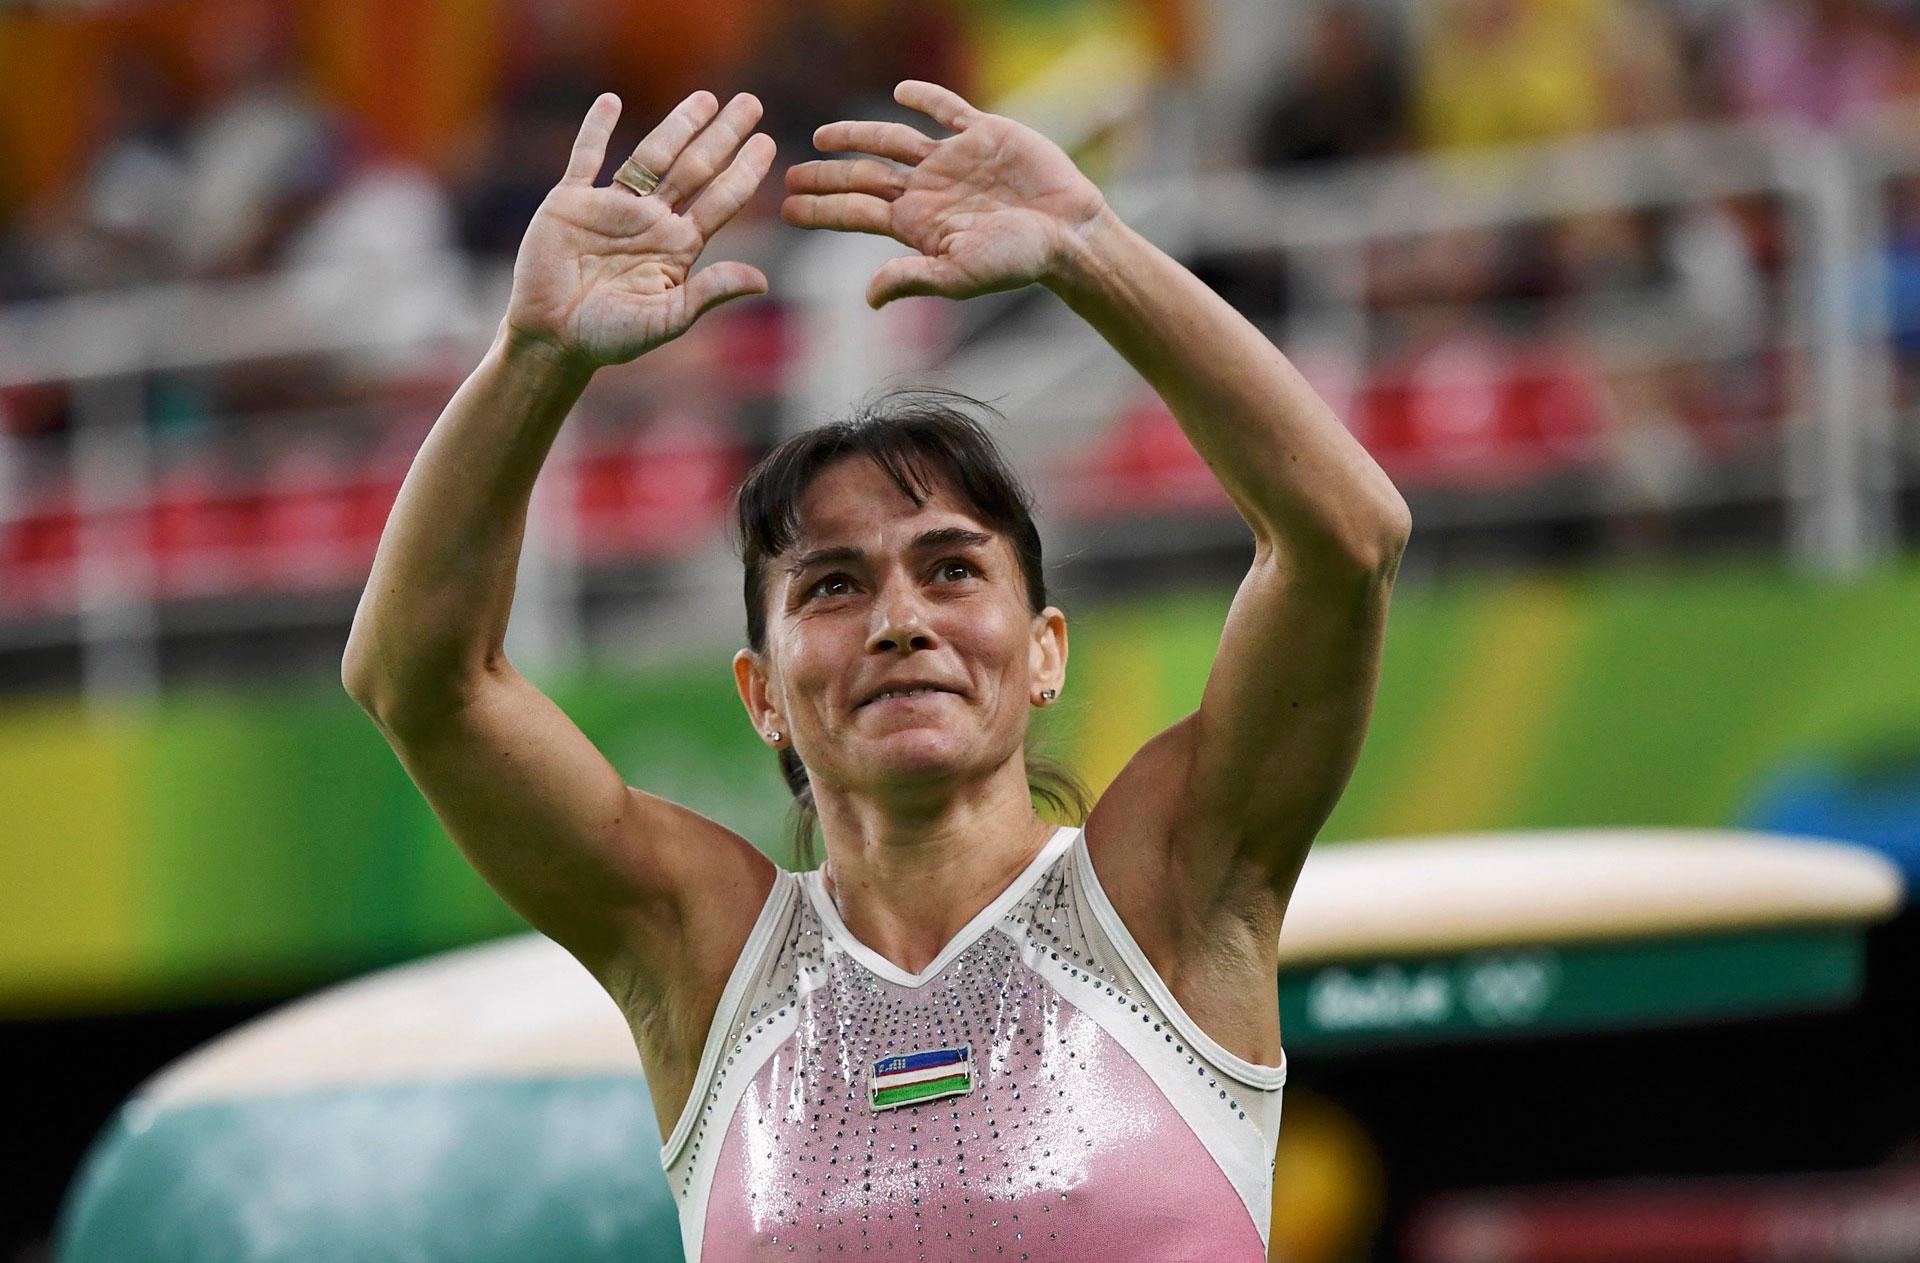 La gimnasta uzbeka Oksana Chusovitina no ganó medallas pero, a los 41 años, participó de sus séptimos Juegos Olímpicos (Reuters)